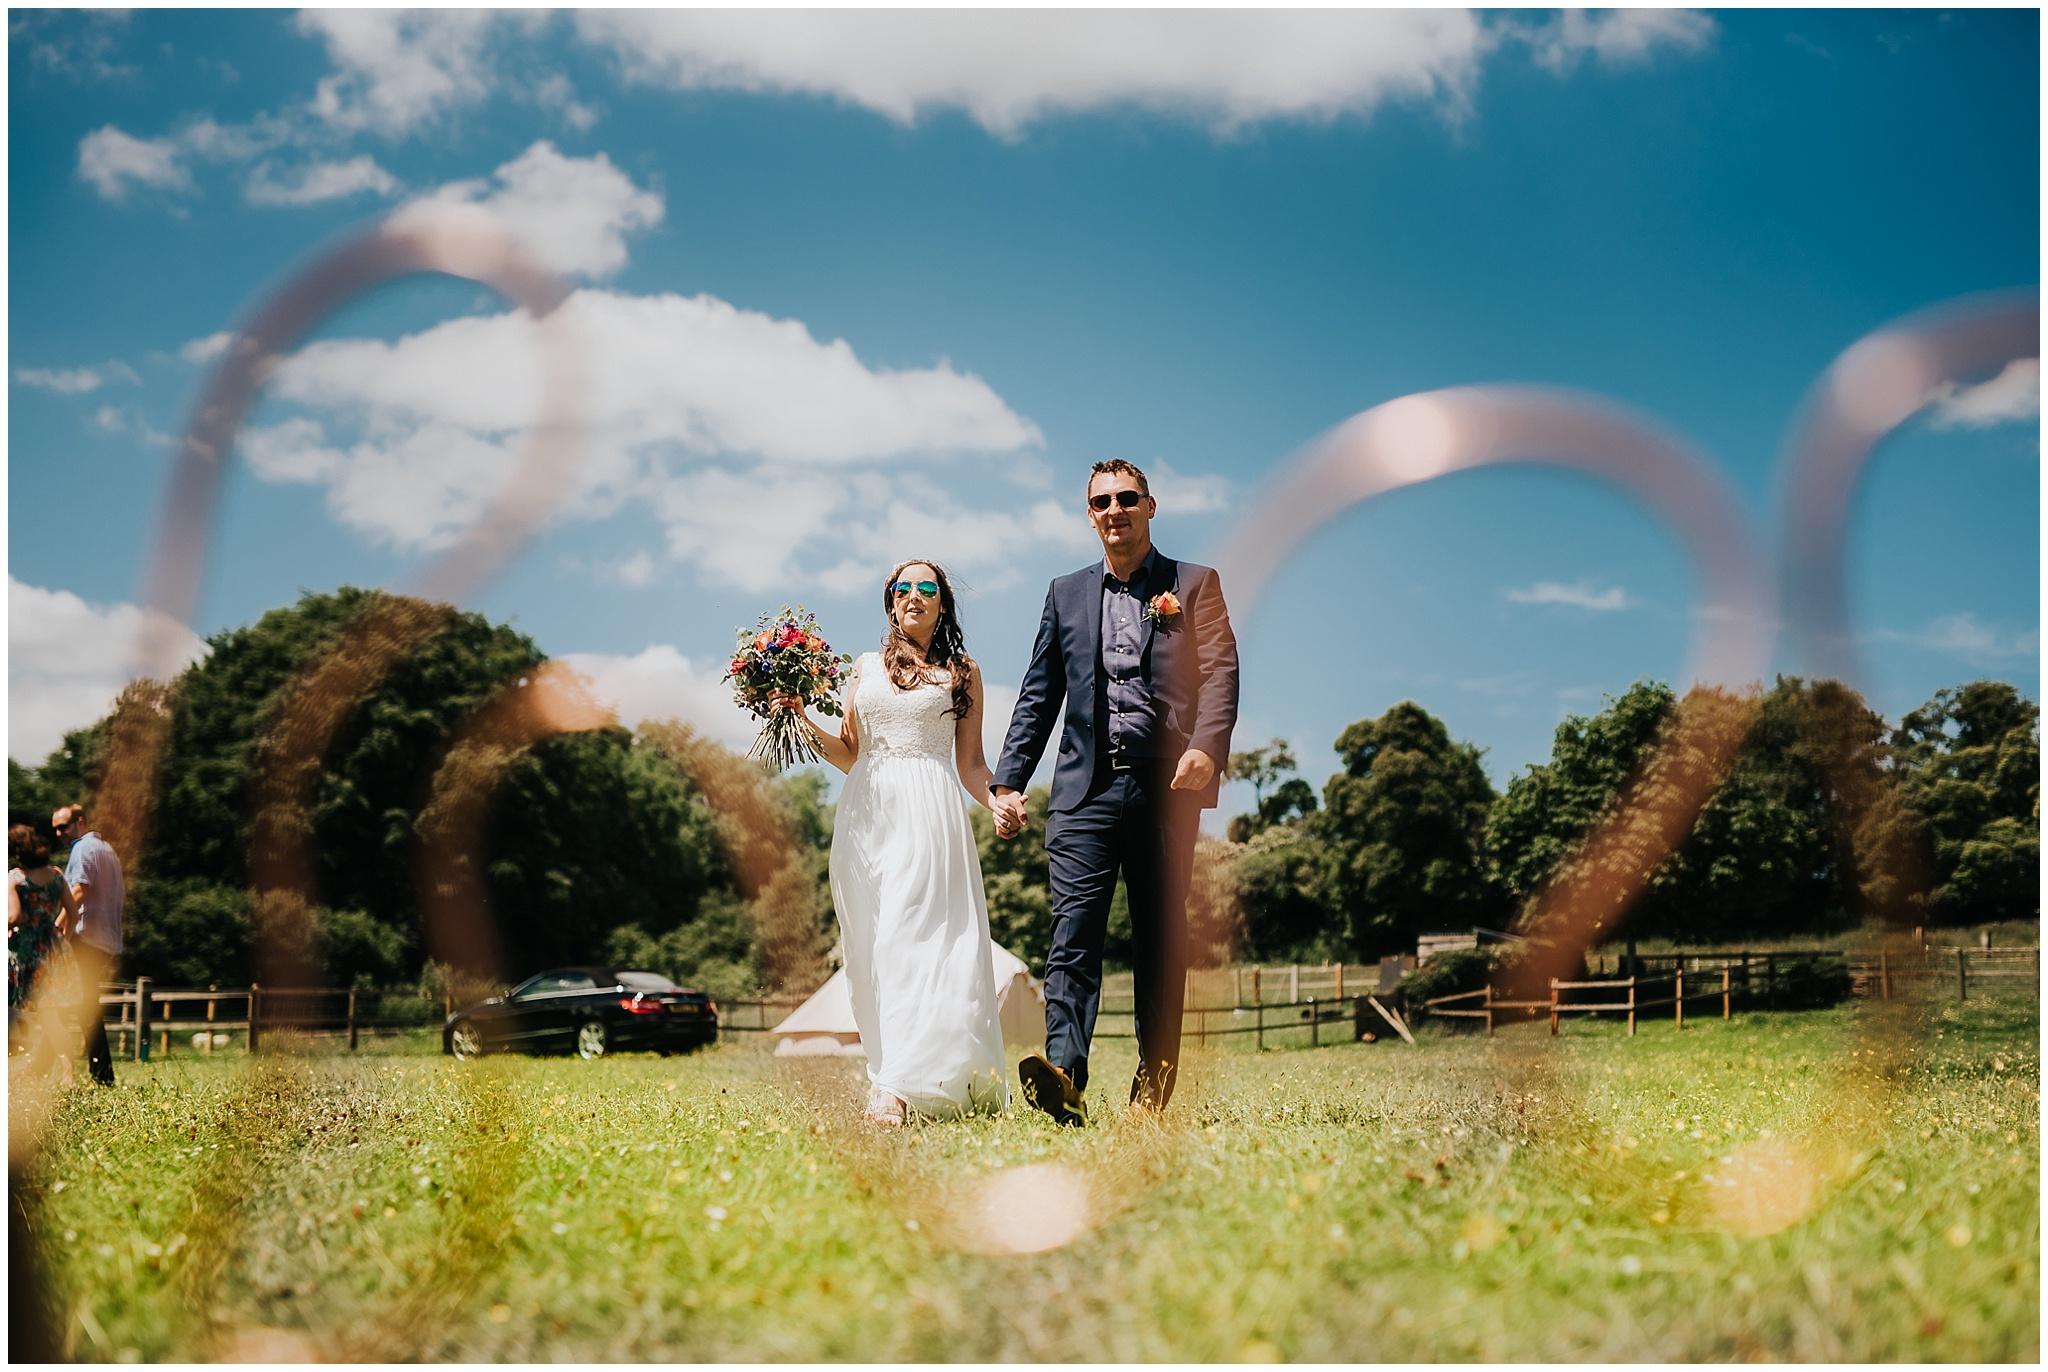 Hampshire festival wedding photography